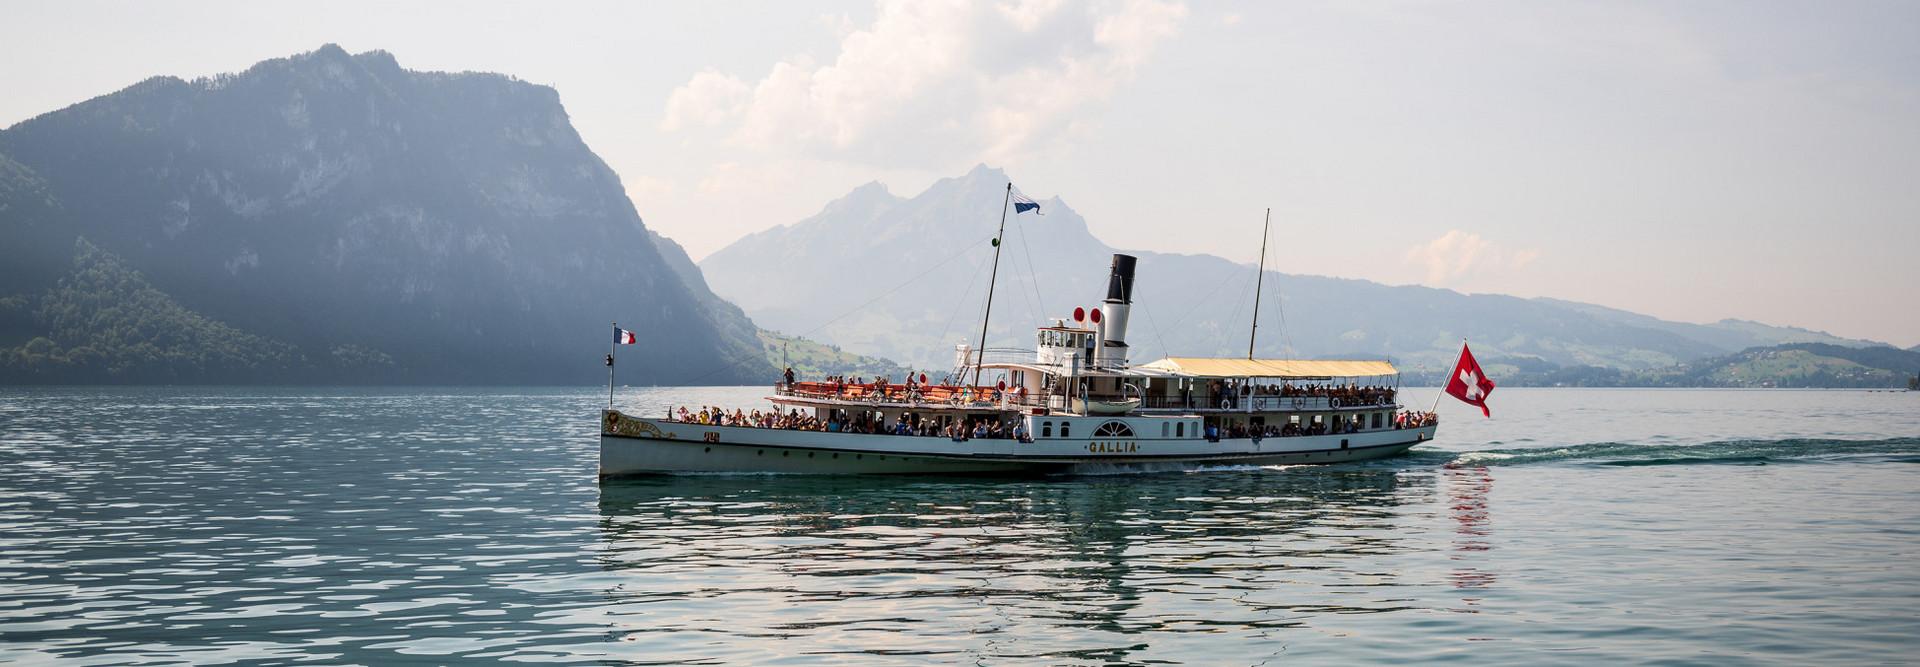 Dampfschiff Gallia fährt vor dem Pilatus durch.